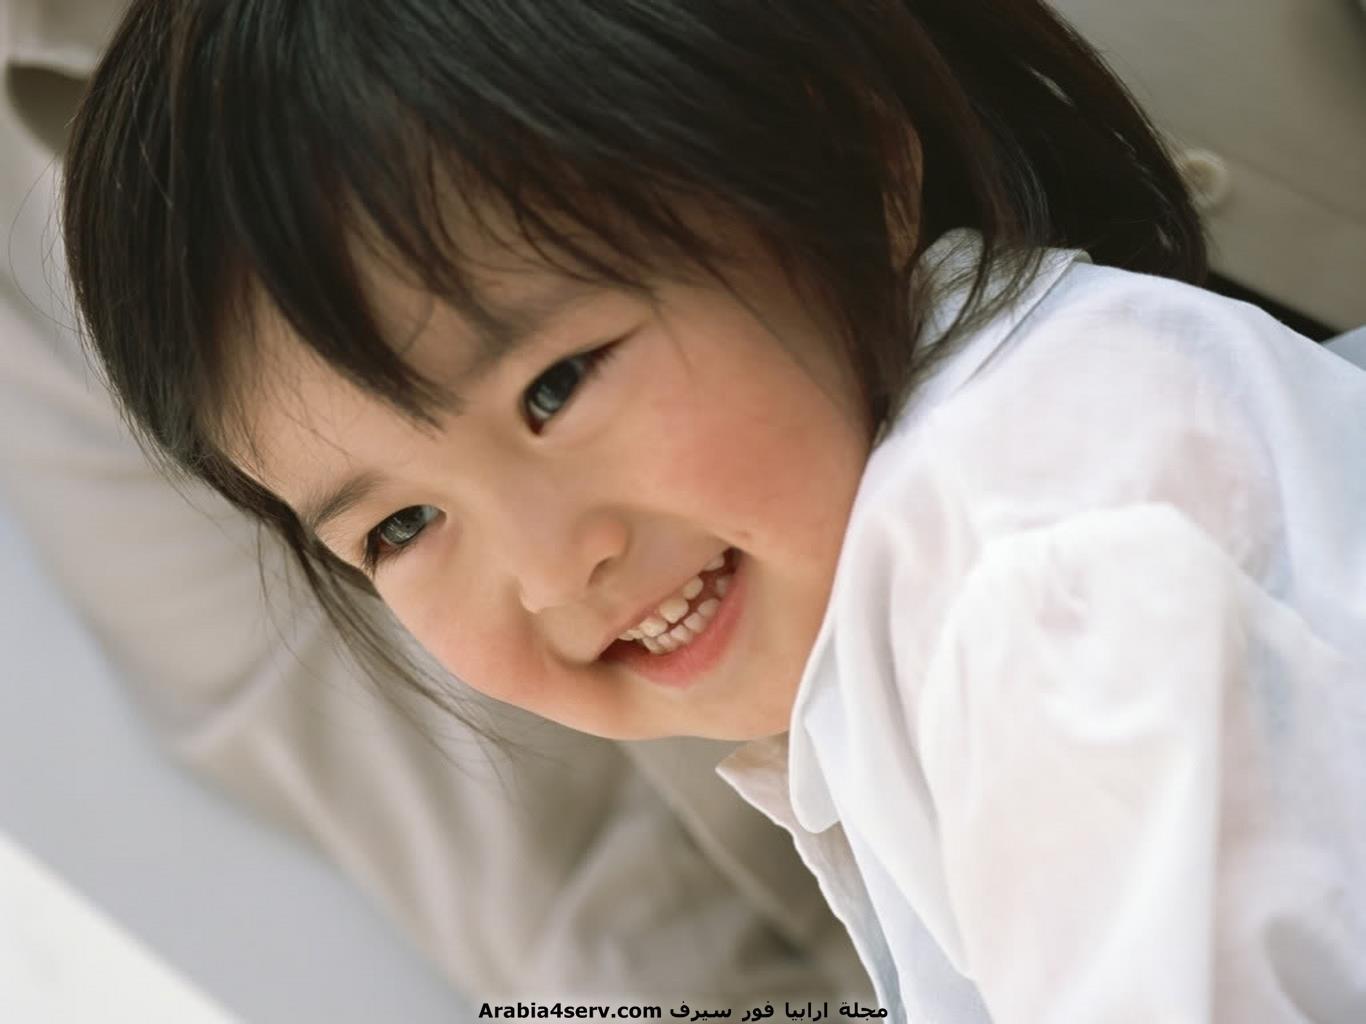 صور-اطفال-يابانيين-10